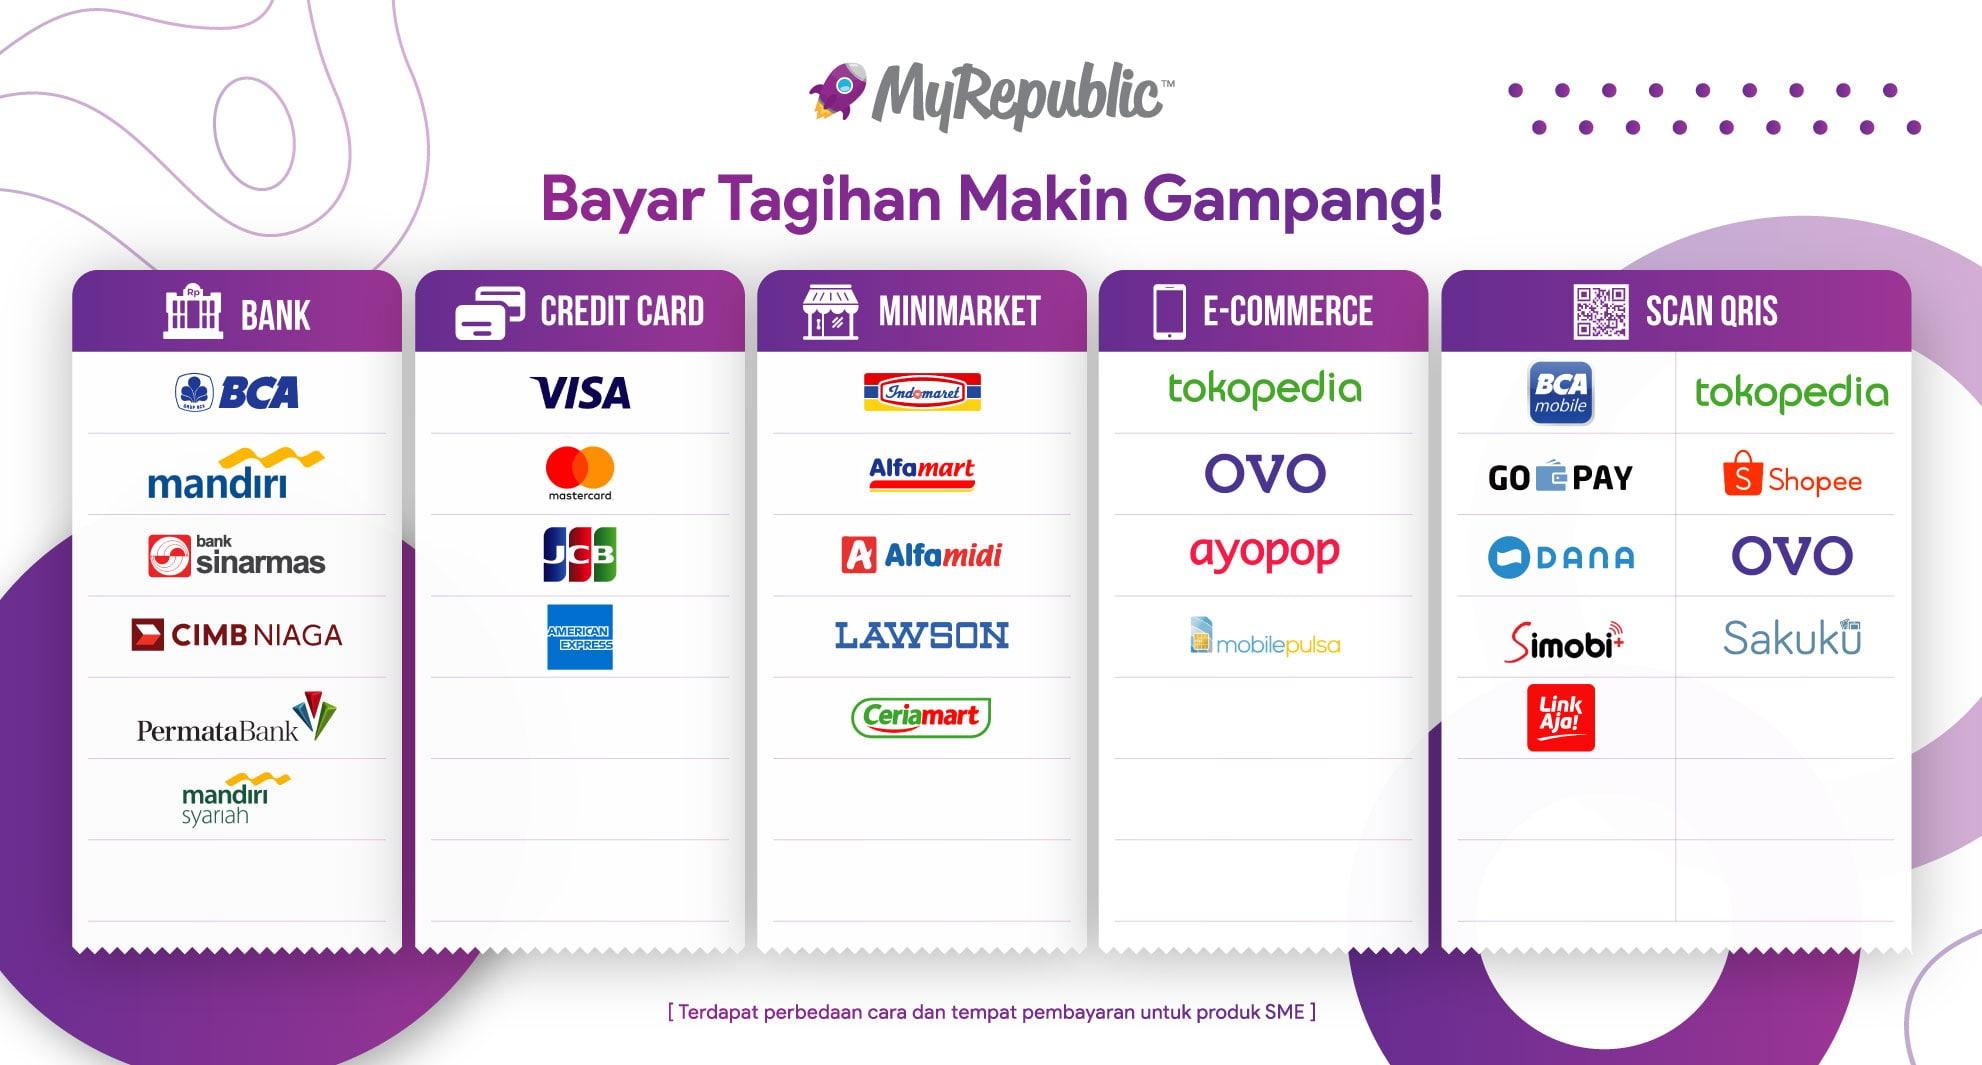 Saluran pembayaran layanan MyRepublic